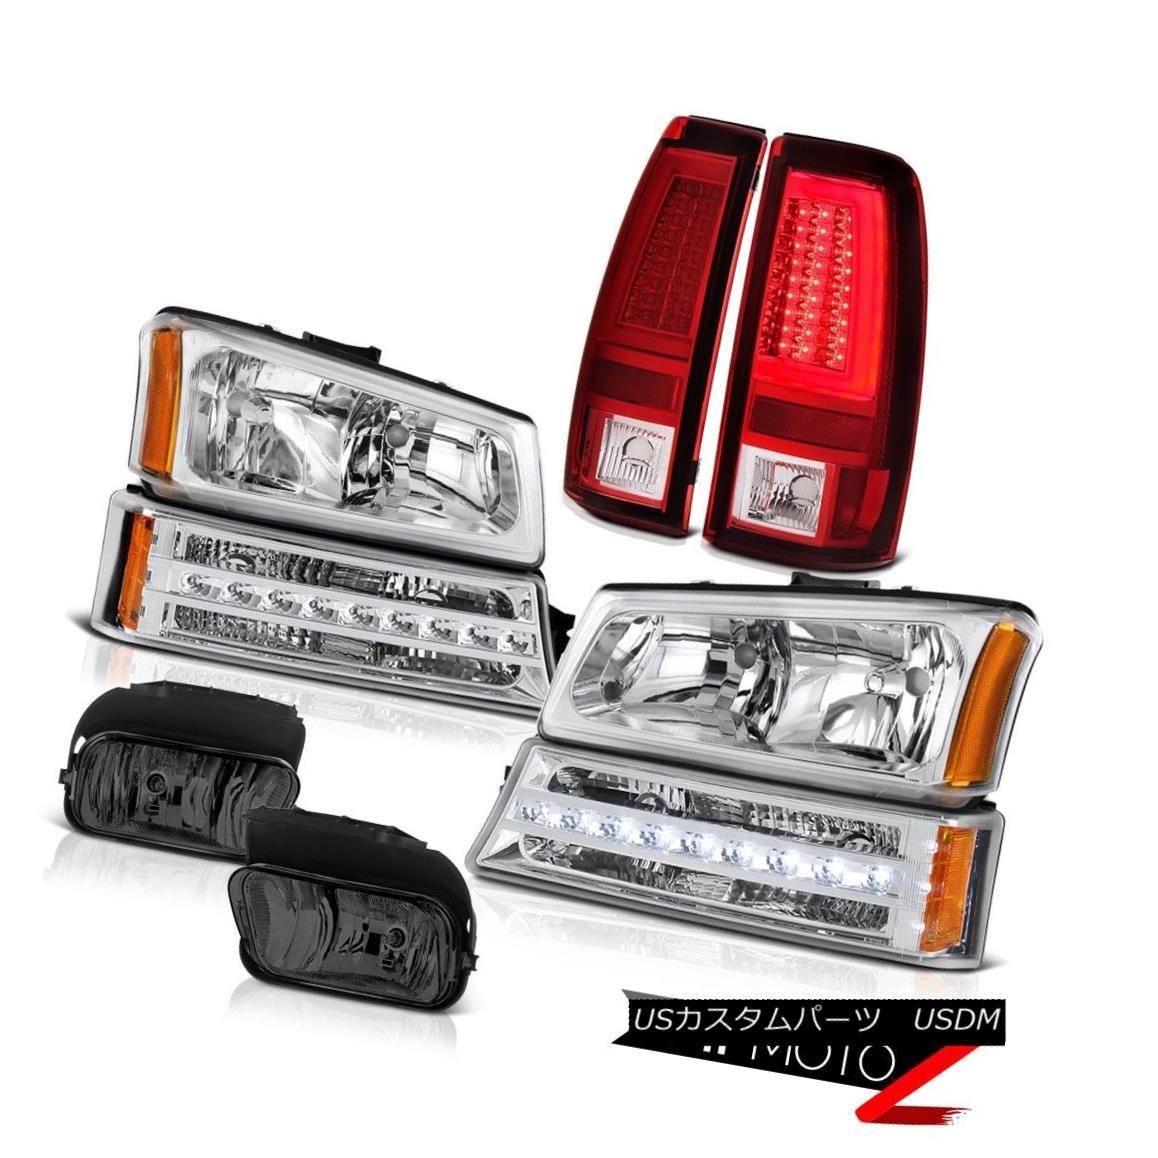 テールライト 2003-2006 Silverado Rosso Red Tail Lamps Smokey Fog Headlights Turn Signal LED 2003-2006 Silverado RossoレッドテールランプスモーキーフォッグヘッドライトTurn Signal LED